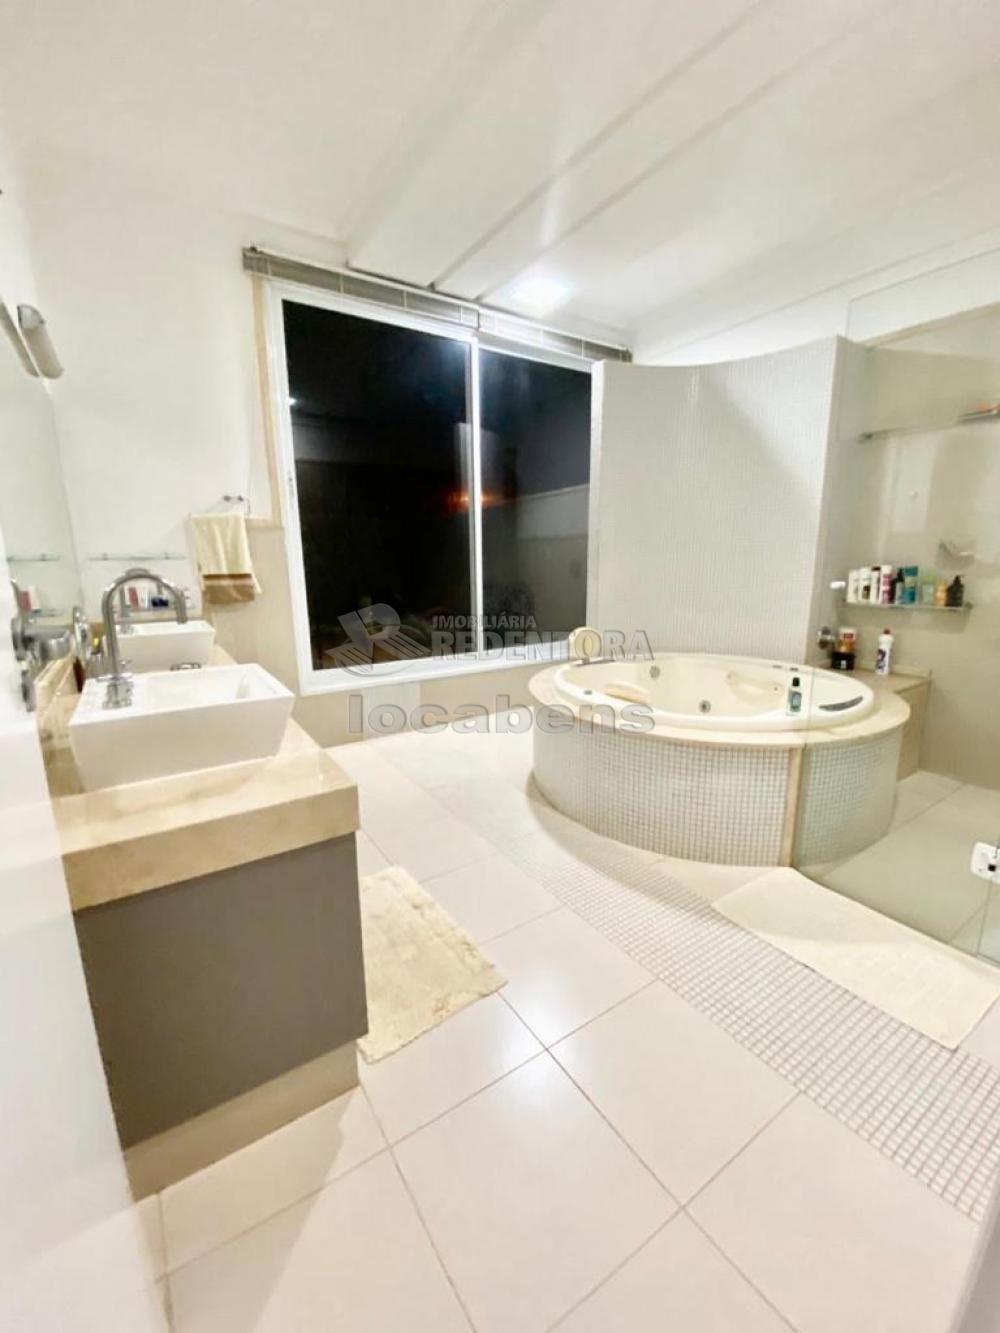 Comprar Casa / Condomínio em São José do Rio Preto R$ 1.750.000,00 - Foto 15